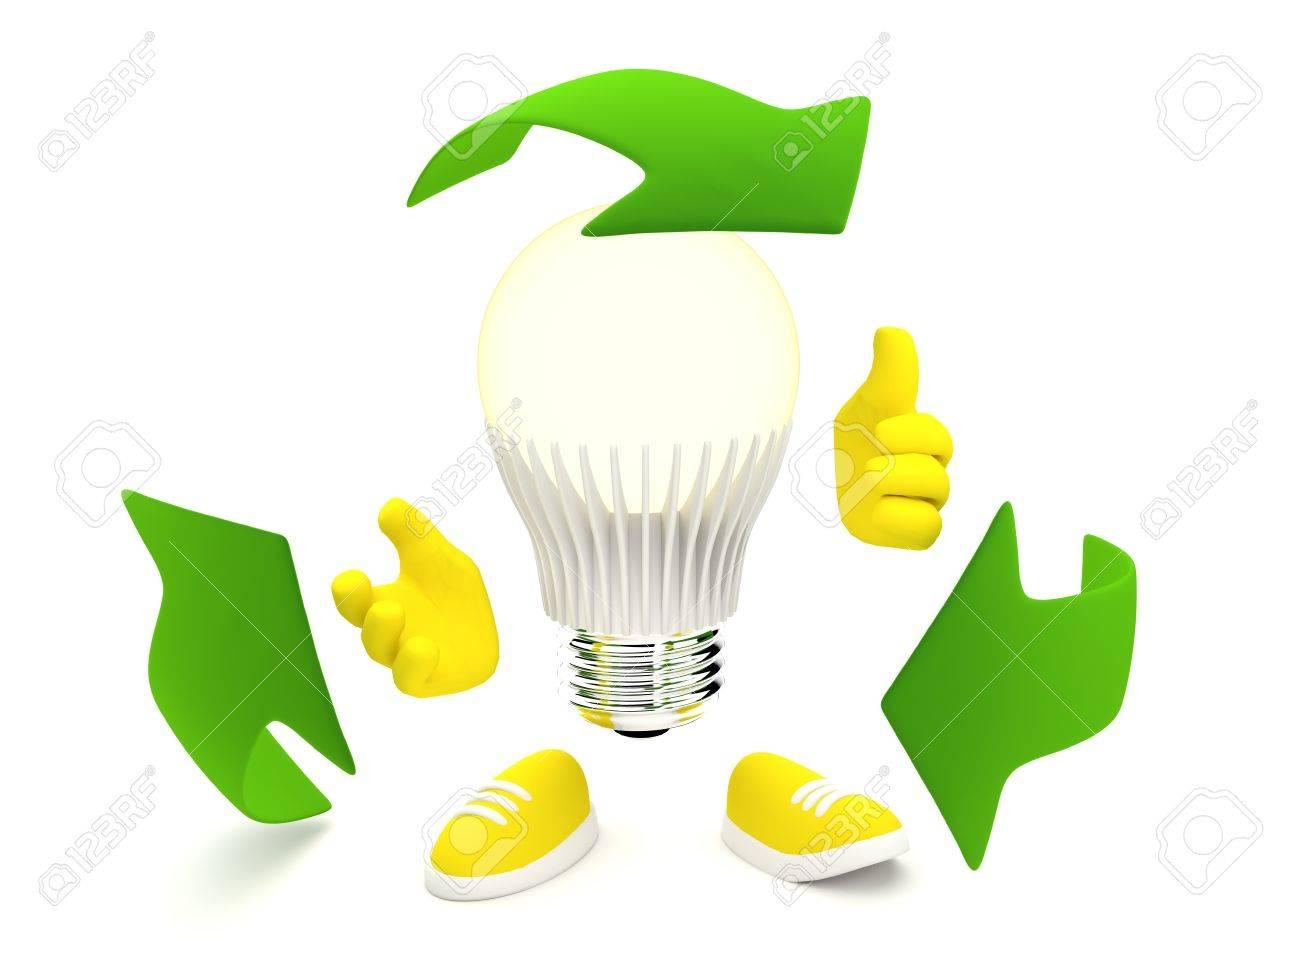 LED-Lampe Leuchtet Gelb Mit Recycling Grüne Pfeile Lizenzfreie Fotos ...